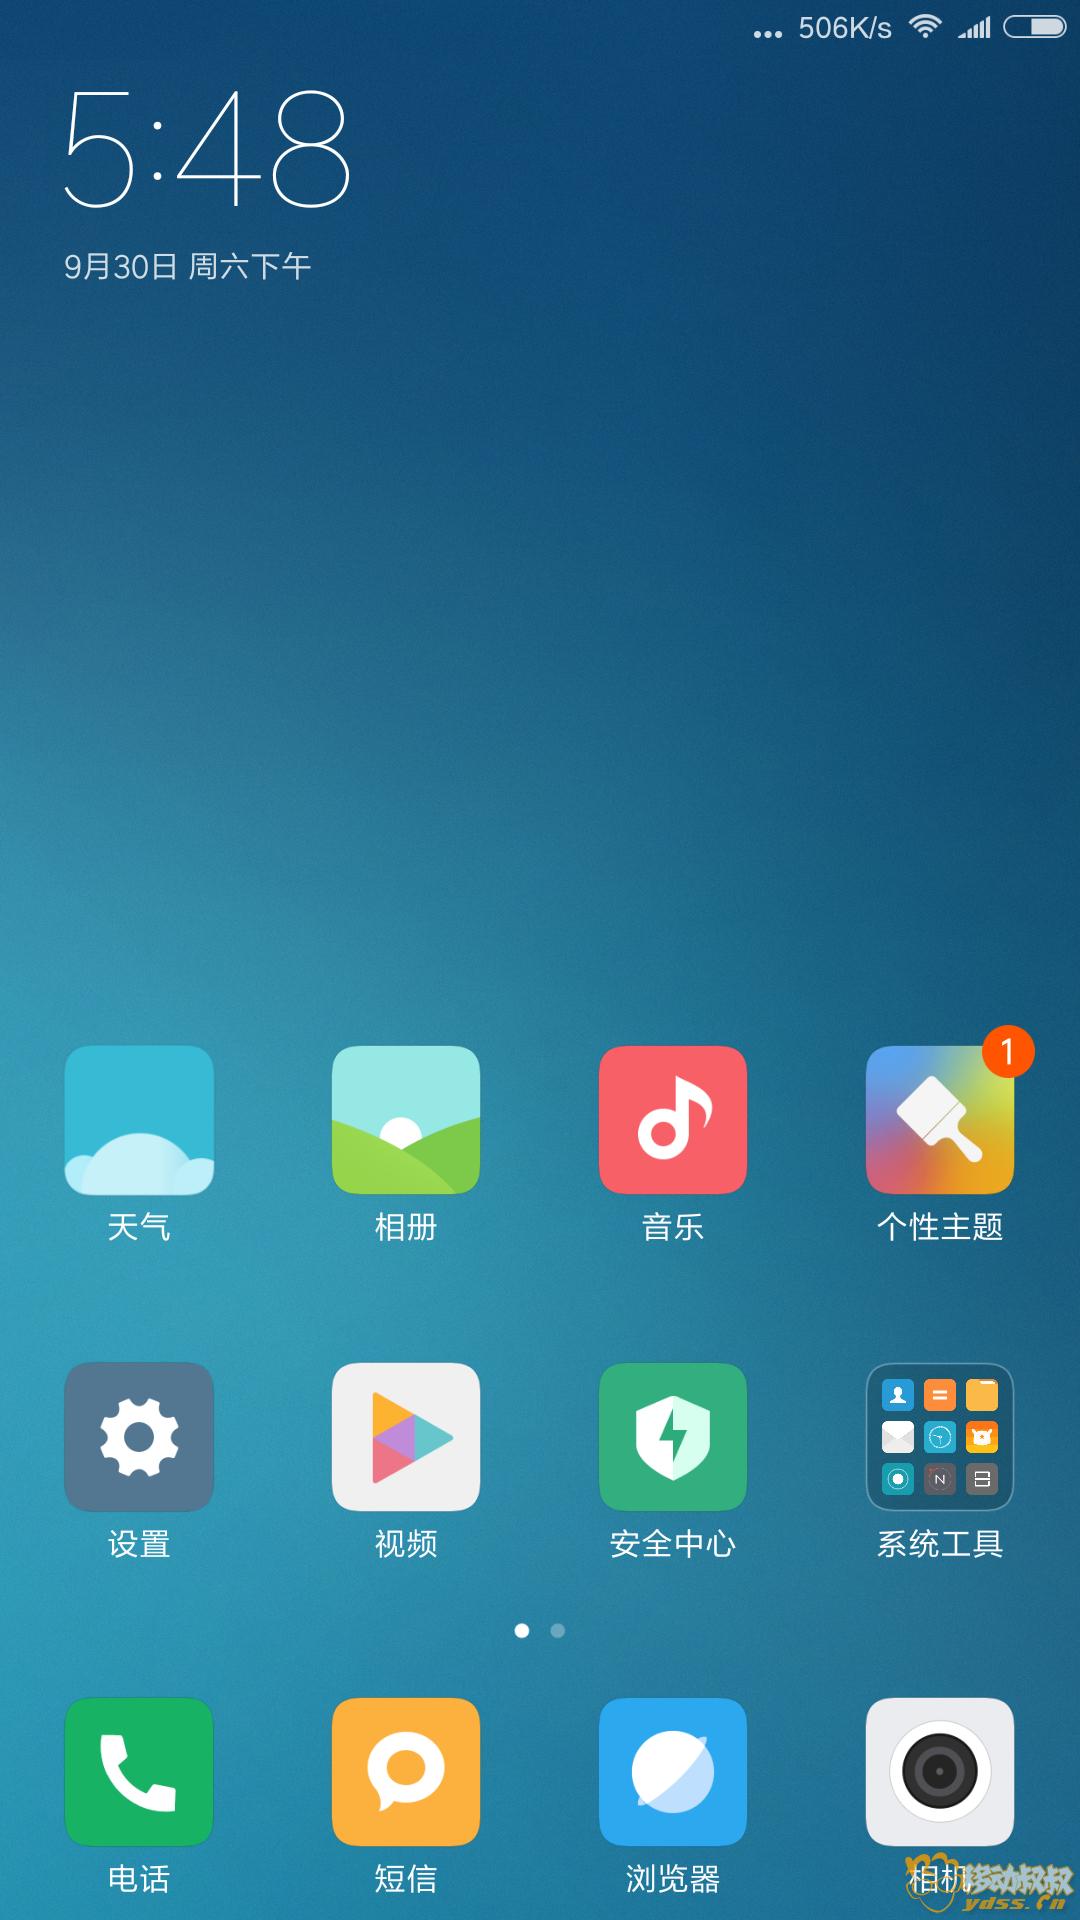 Screenshot_2017-09-30-17-48-14-553_com.miui.home.png